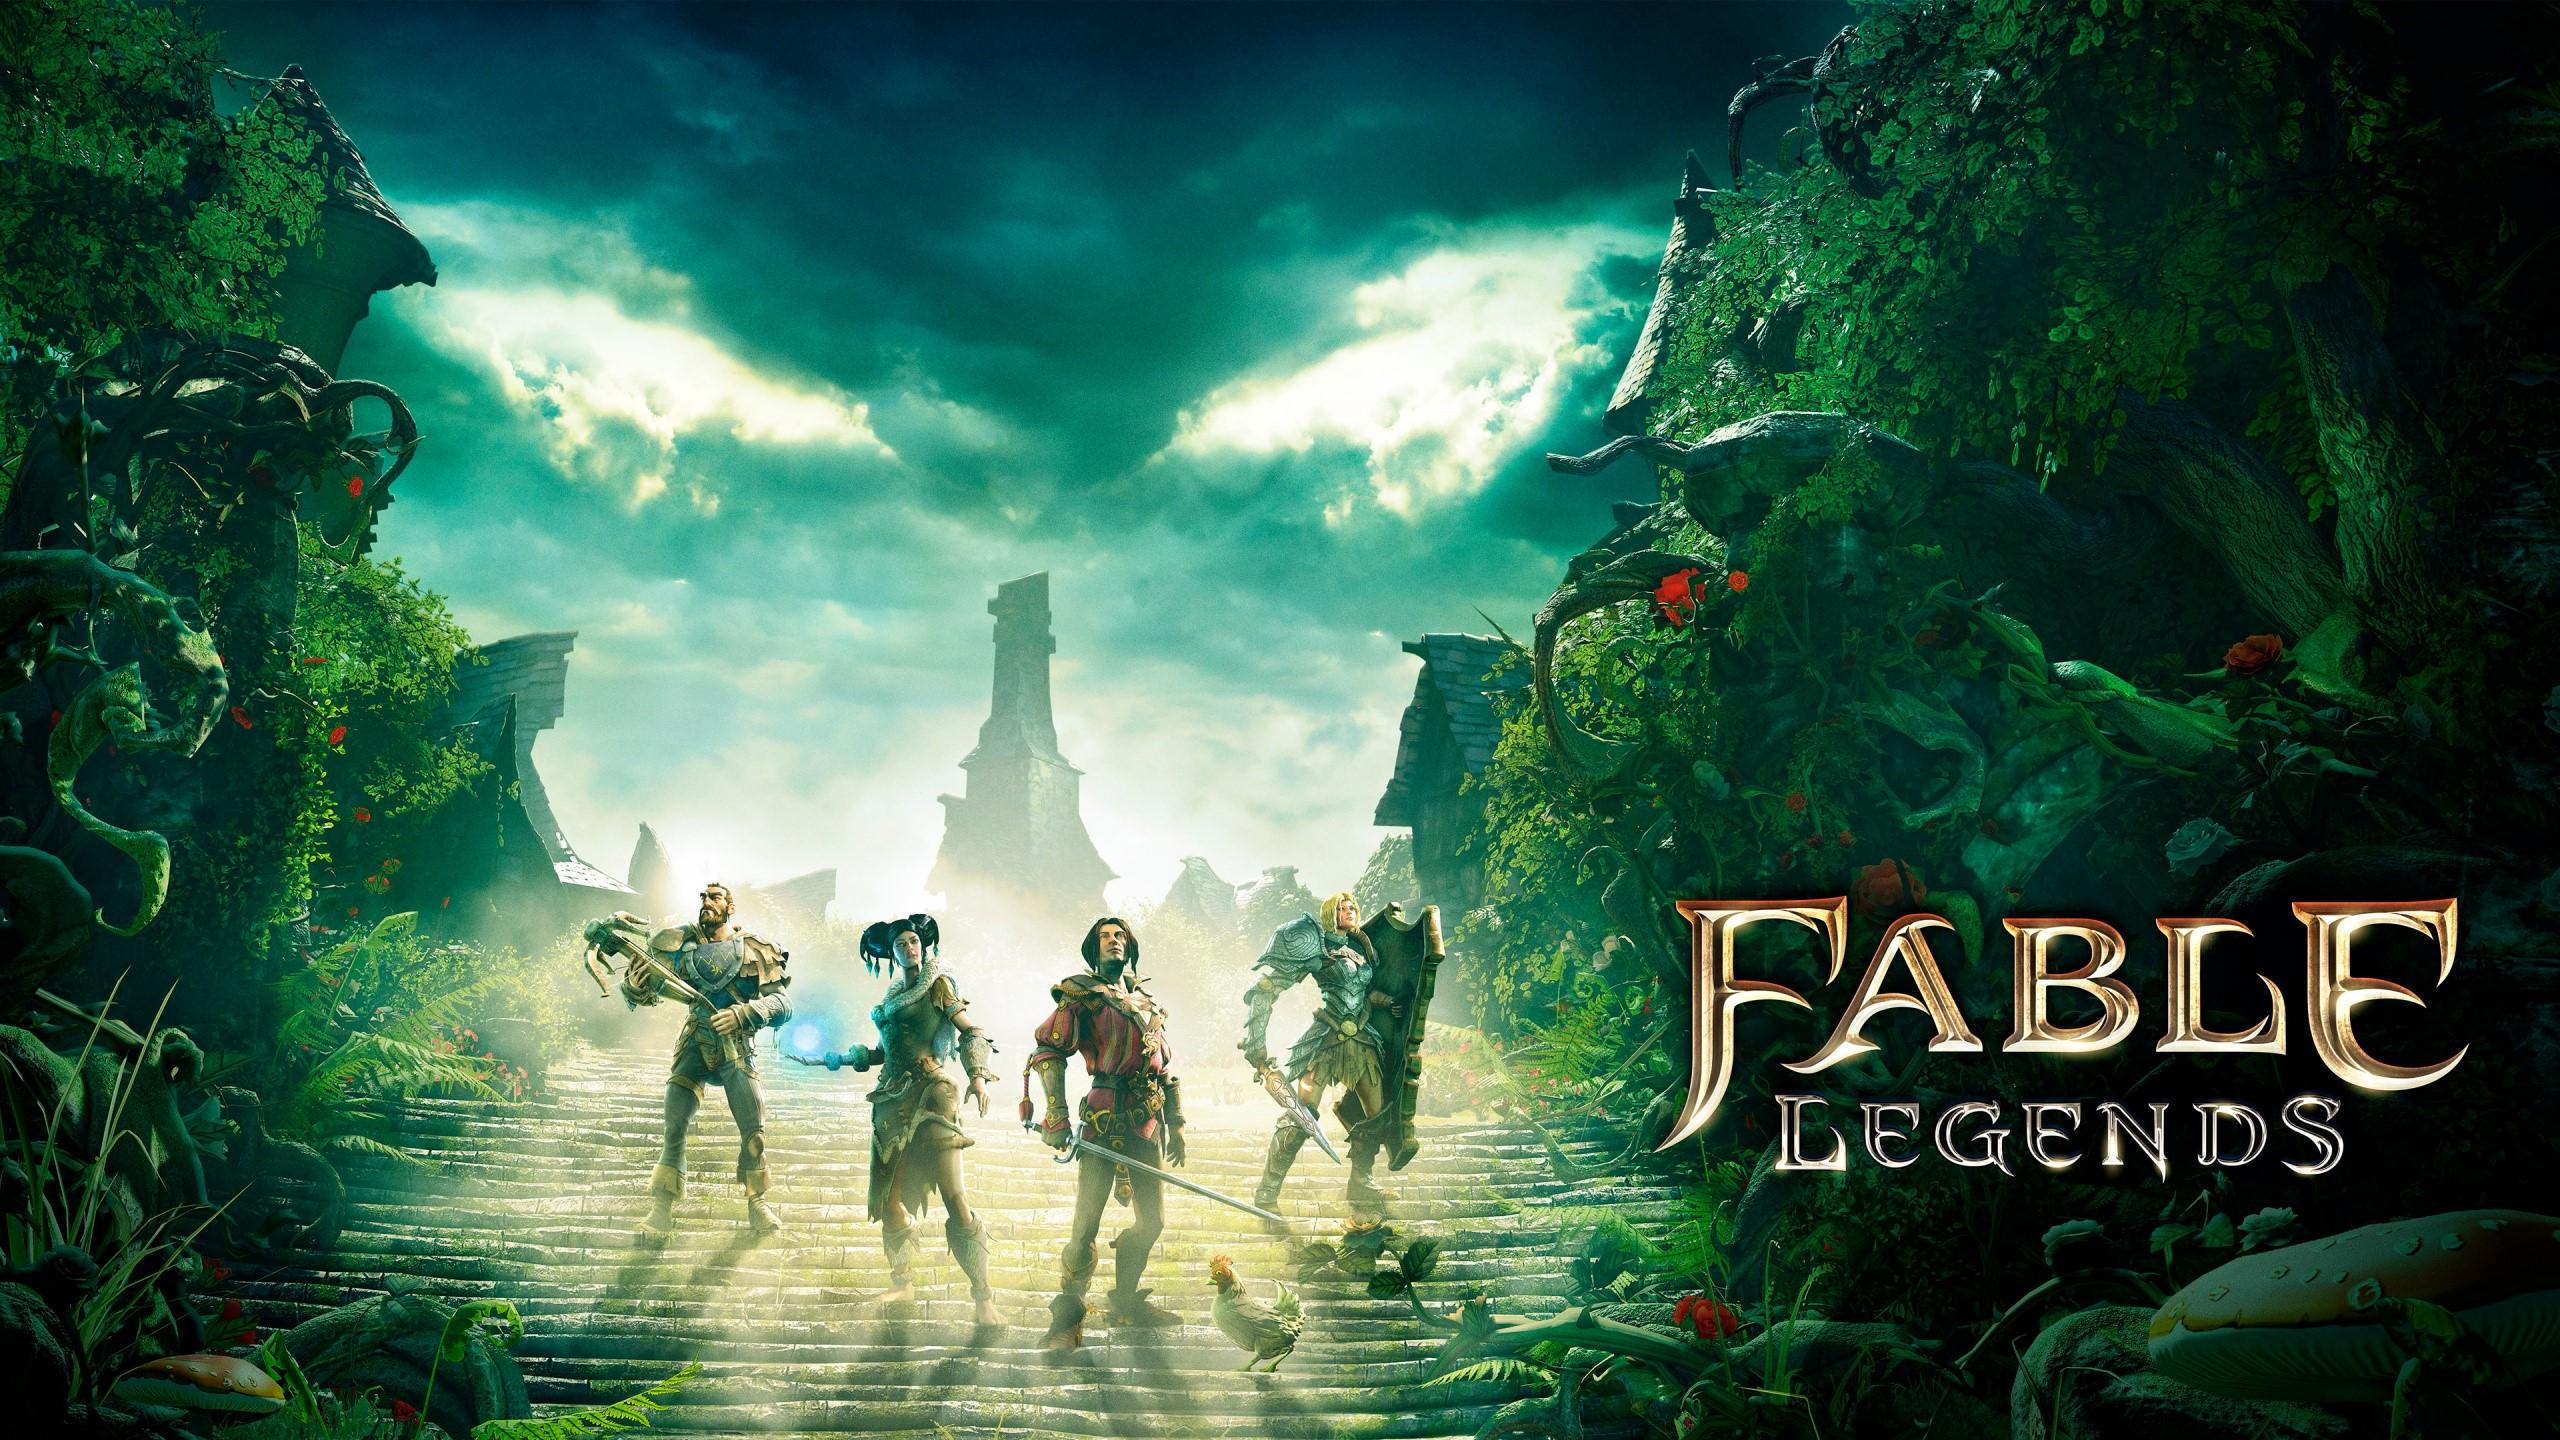 Fondo de pantalla de Juego Fable legends Imágenes